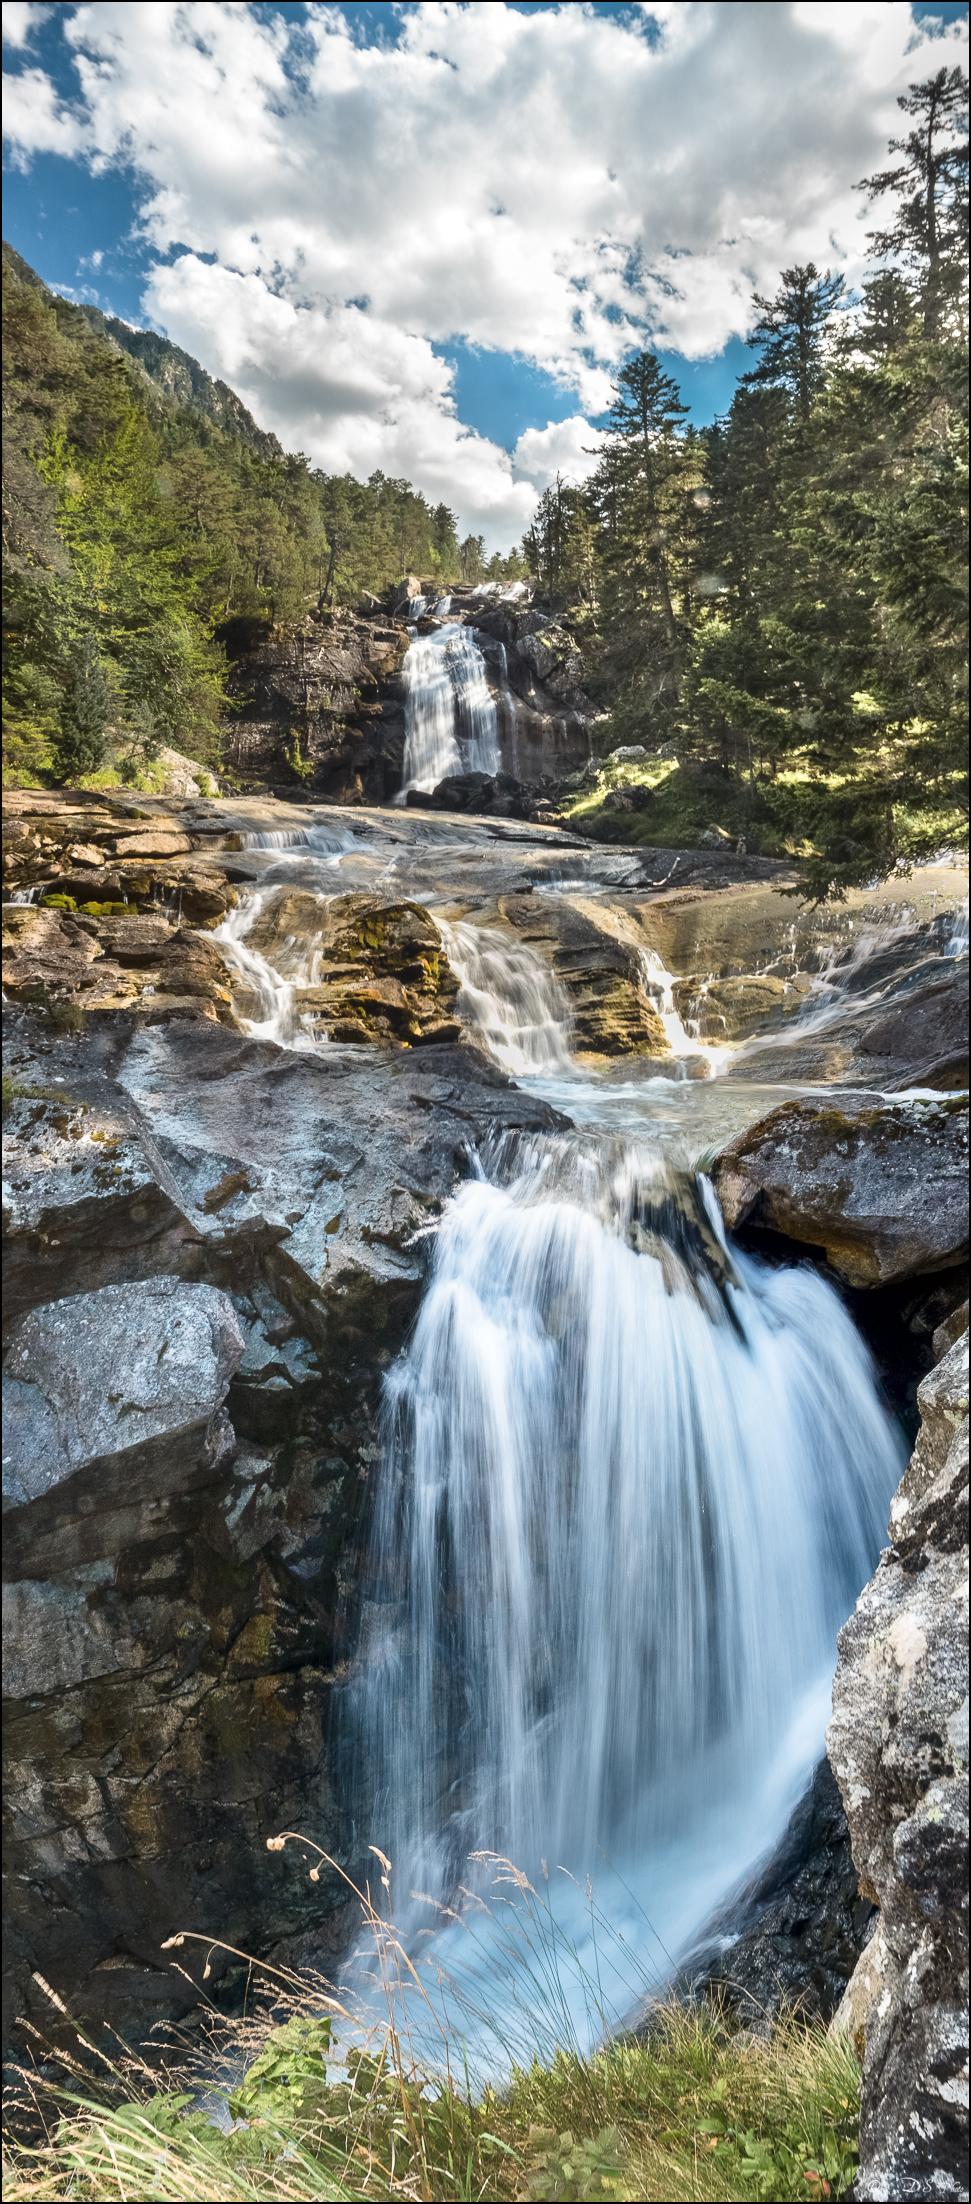 Balade au Pont d'Espagne et Lac de Gaube - Hautes-Pyrénées 20180301140137-27a16e98